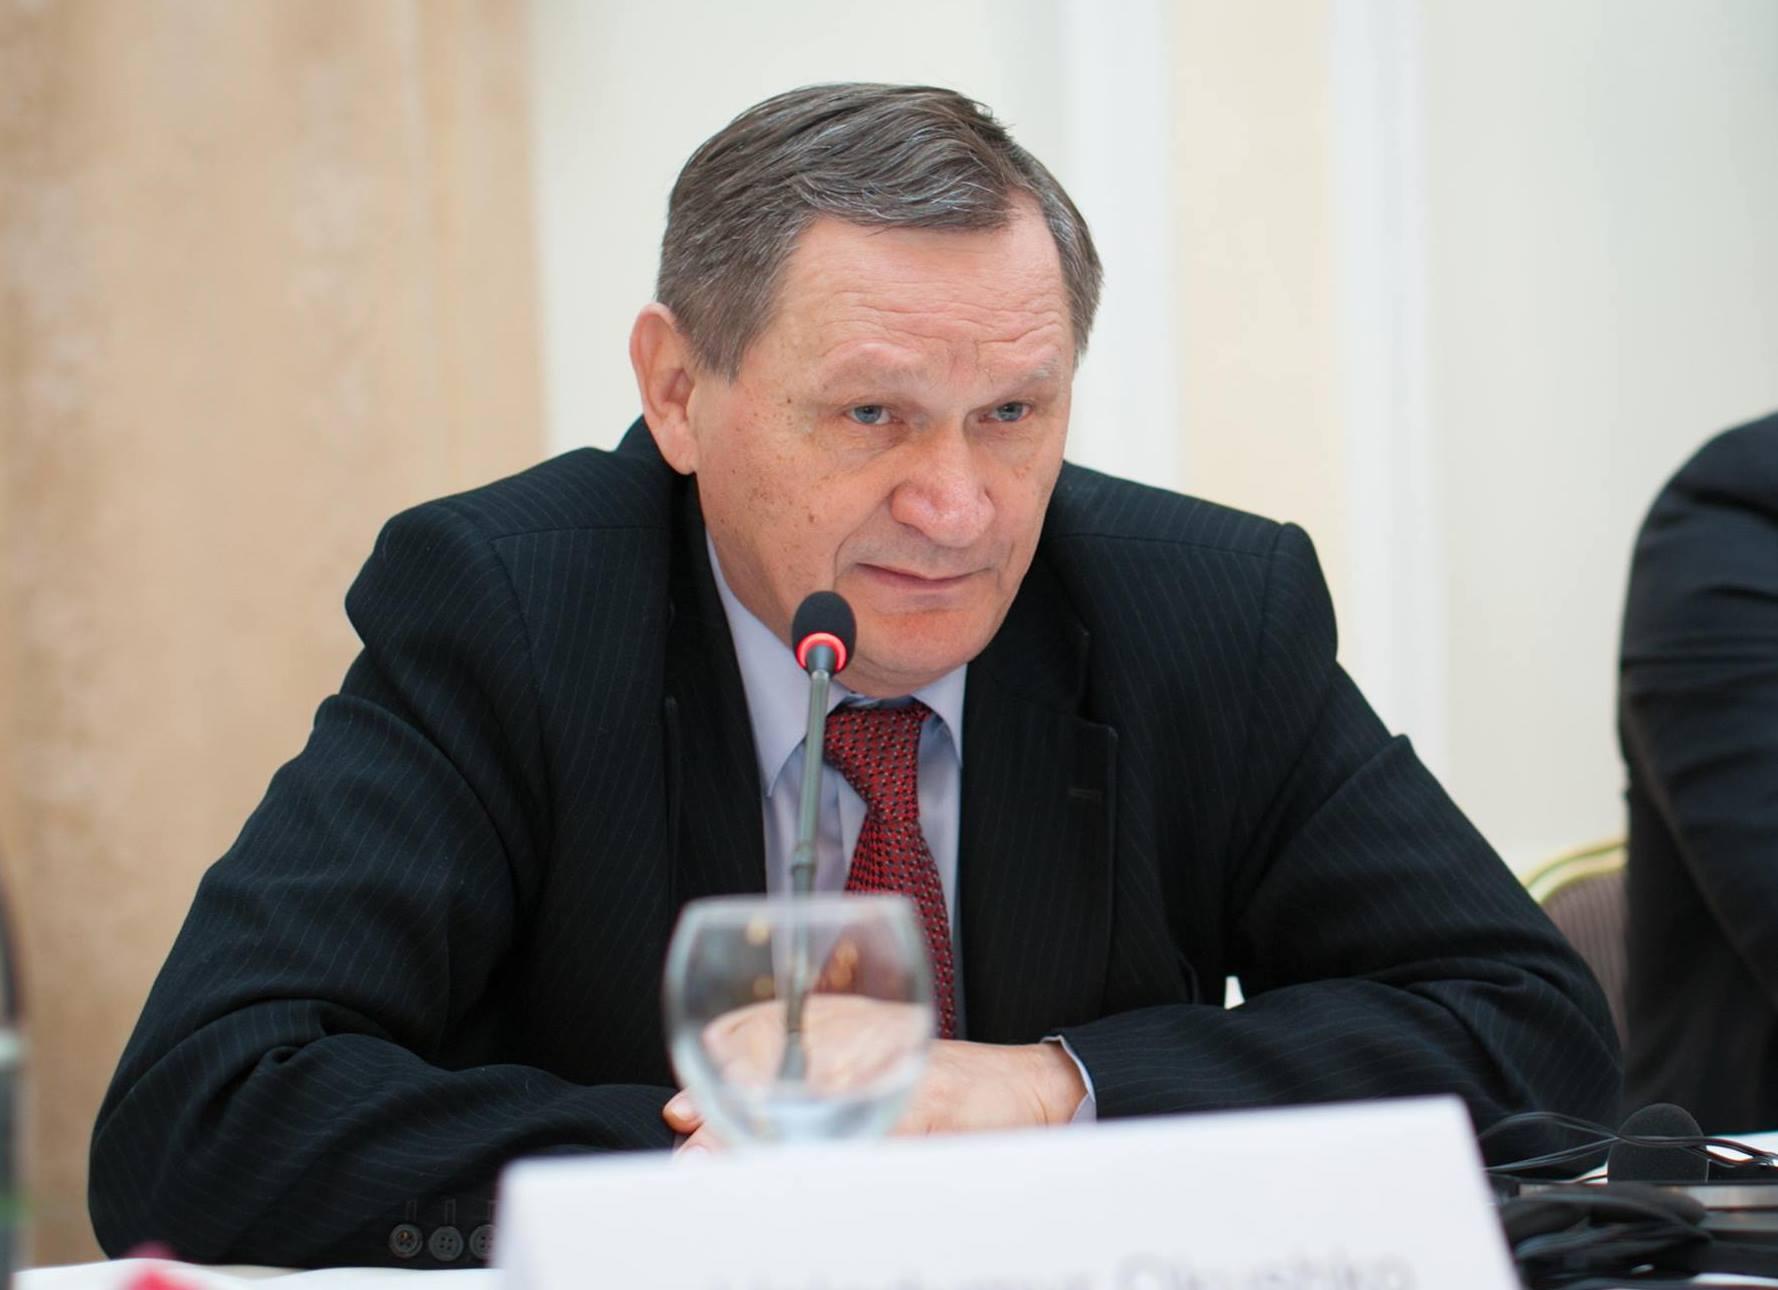 Муравский: Новое правительство приступит к работе максимум в течение 10 дней